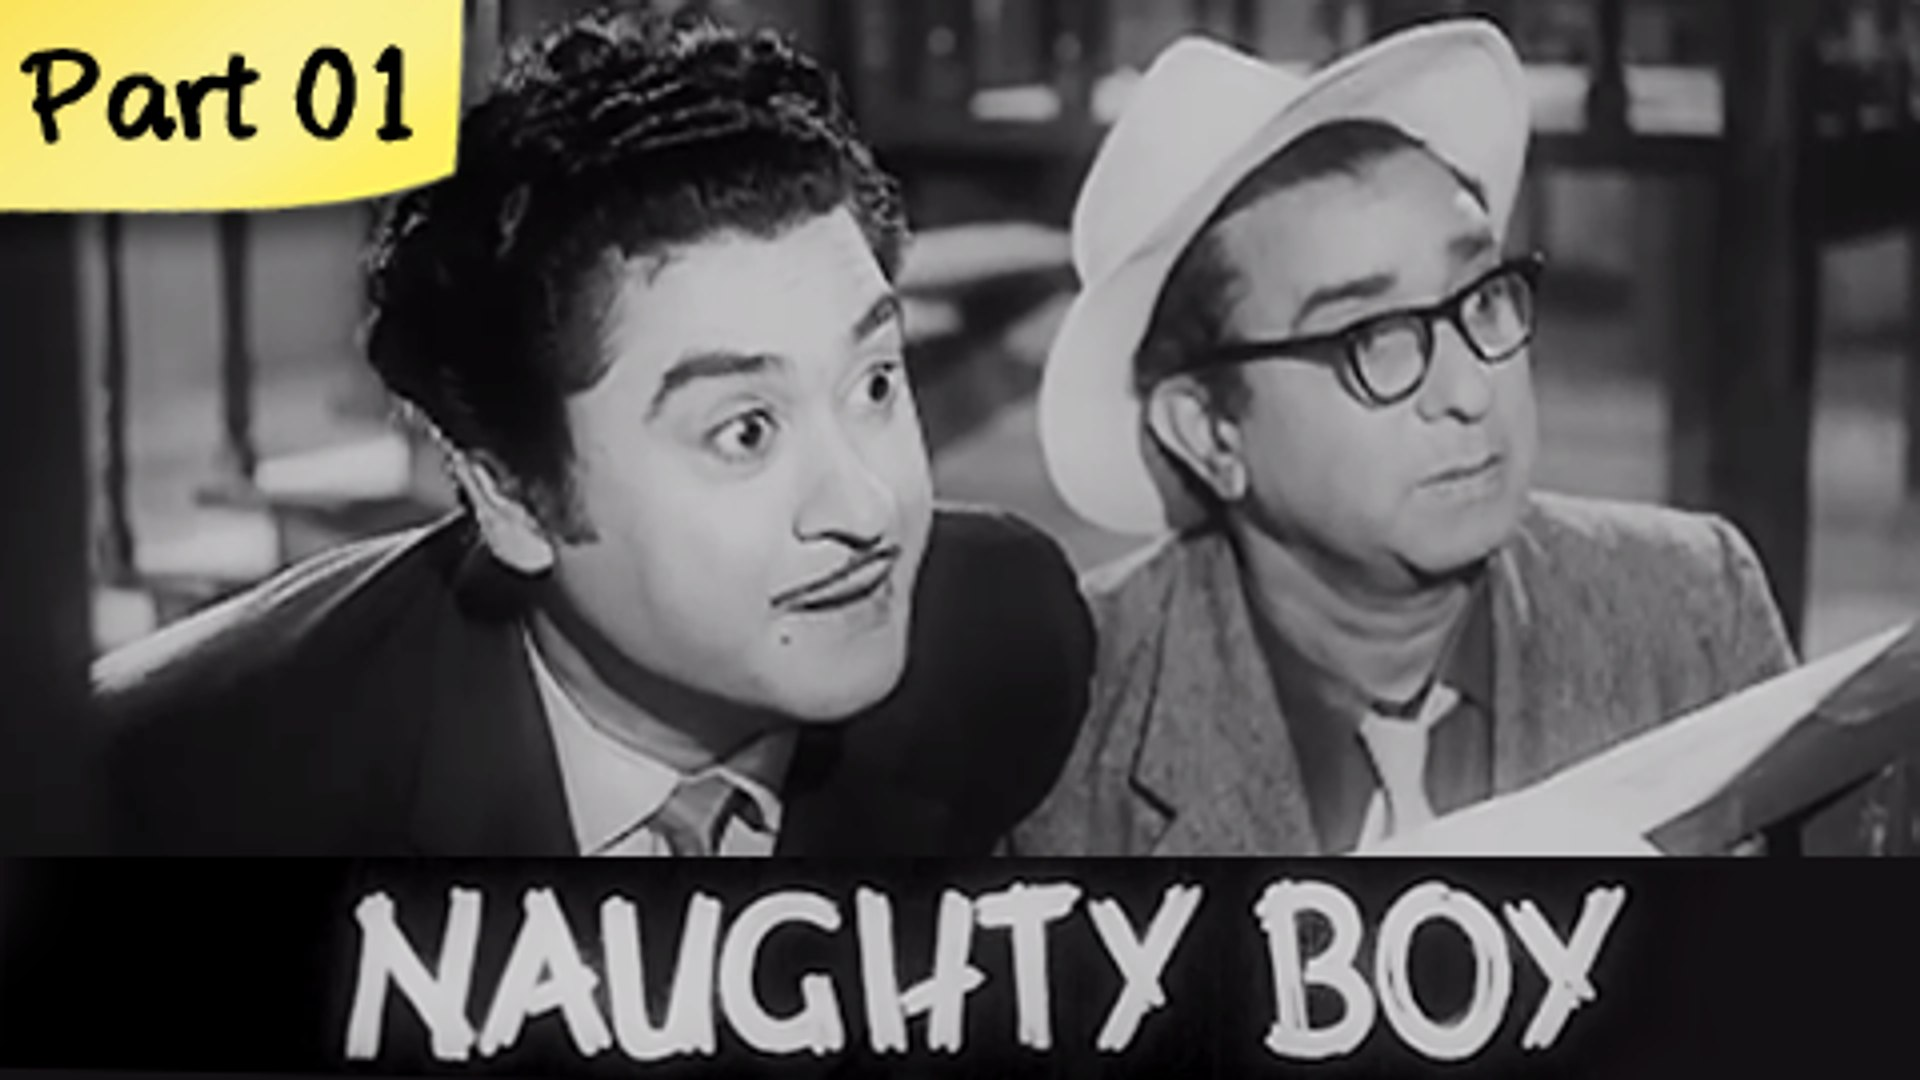 Naughty Boy - Part 01/09 - Classic Funny Hit Hindi Drama Movie - Kishore Kumar, Kalpana